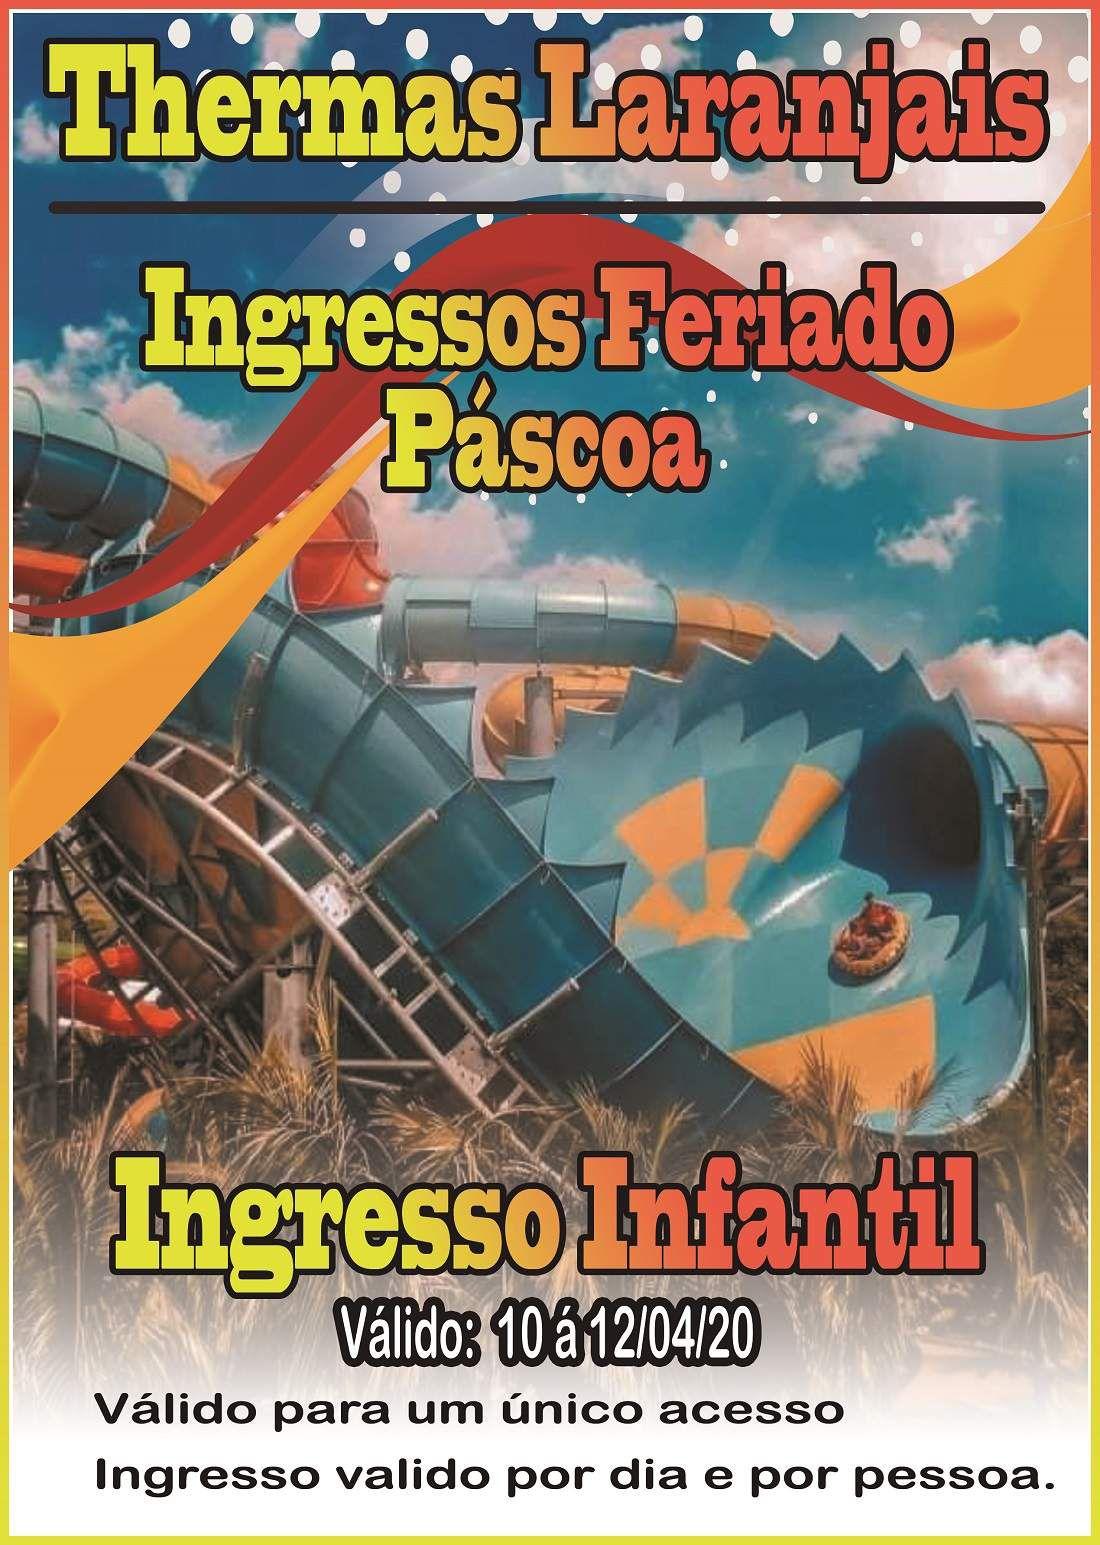 Ingresso Infantil - Pascoa - Thermas dos Laranjais  - Thermas Fácil